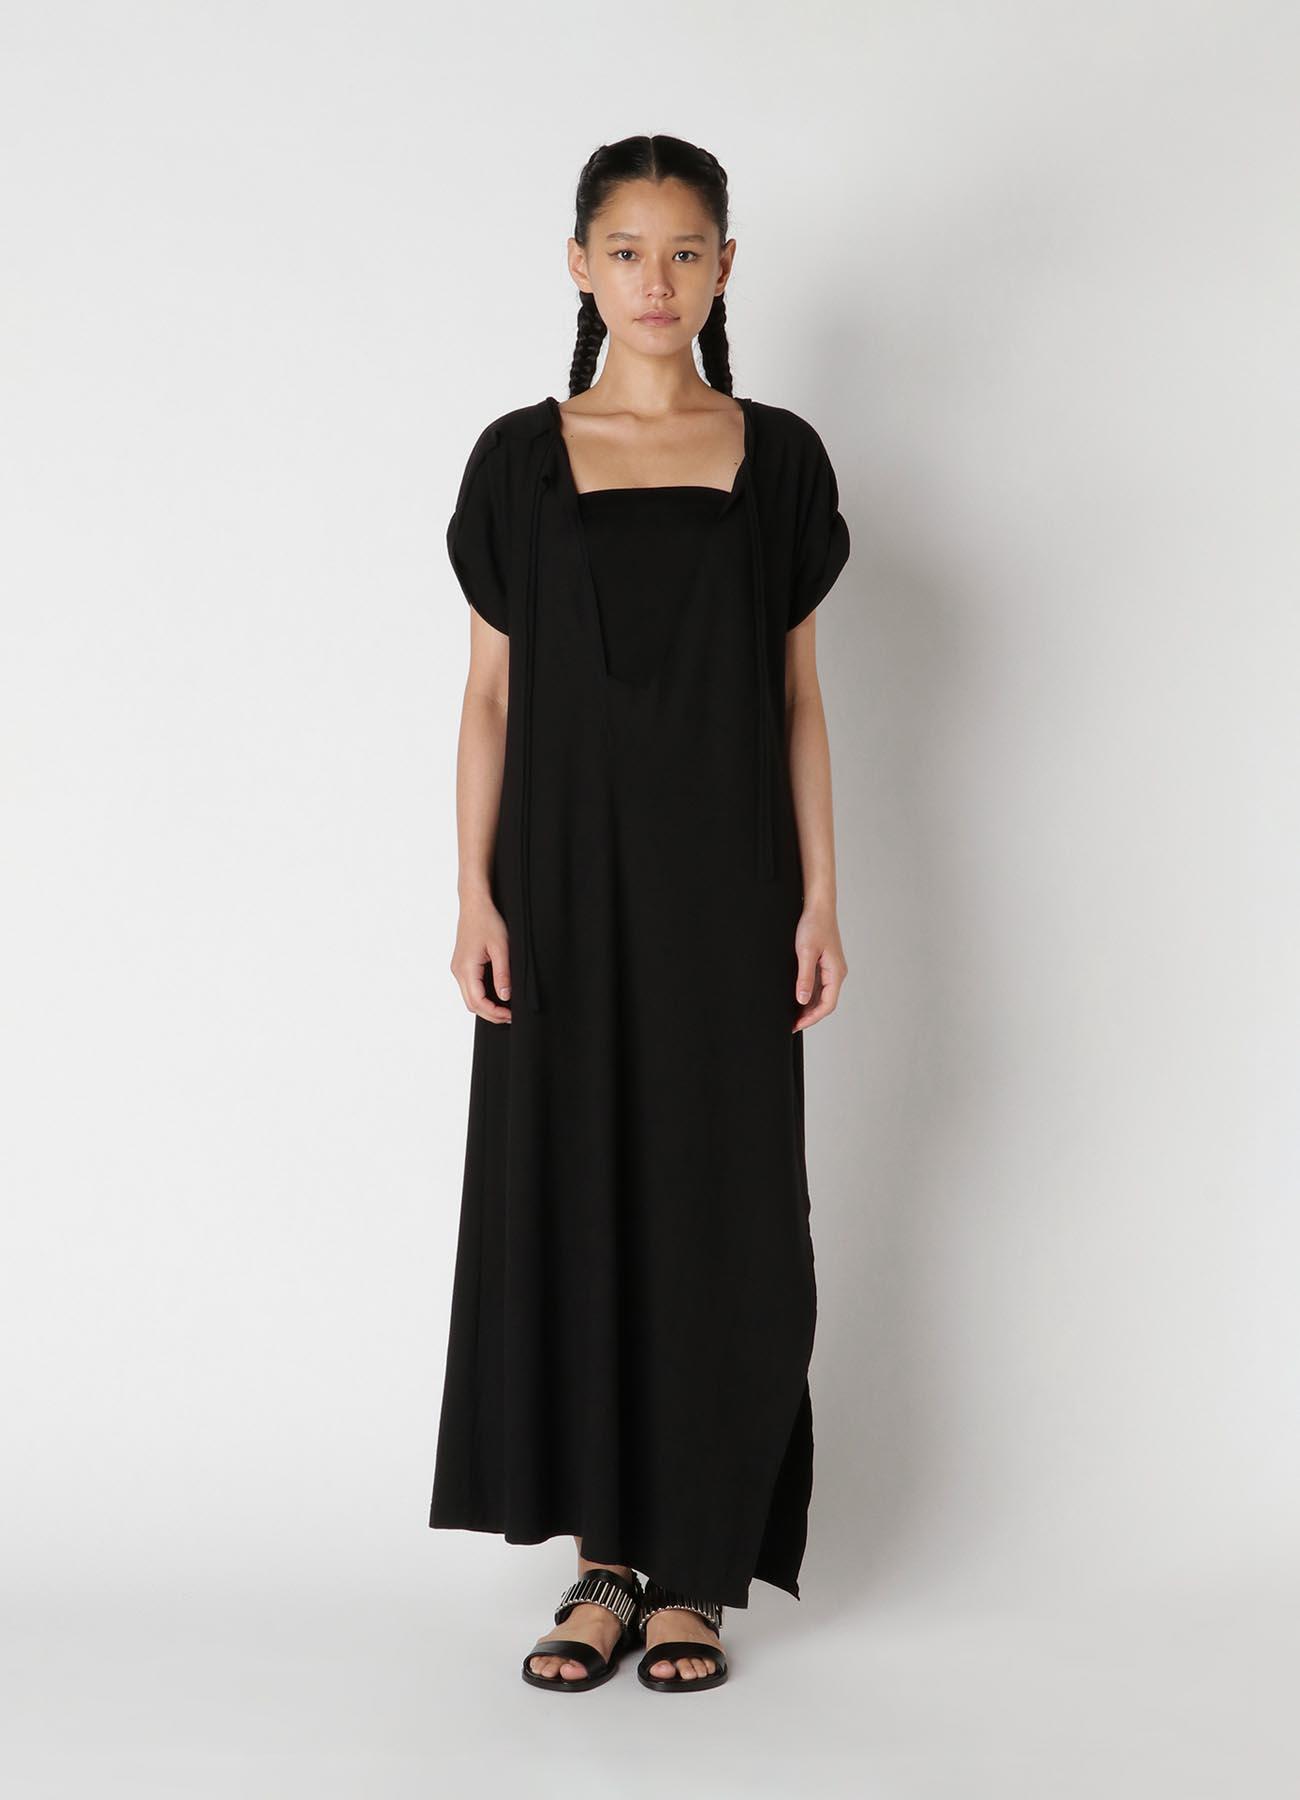 30/-sz Cotton Strong twisted Plain Stitch Asymme Design Dress